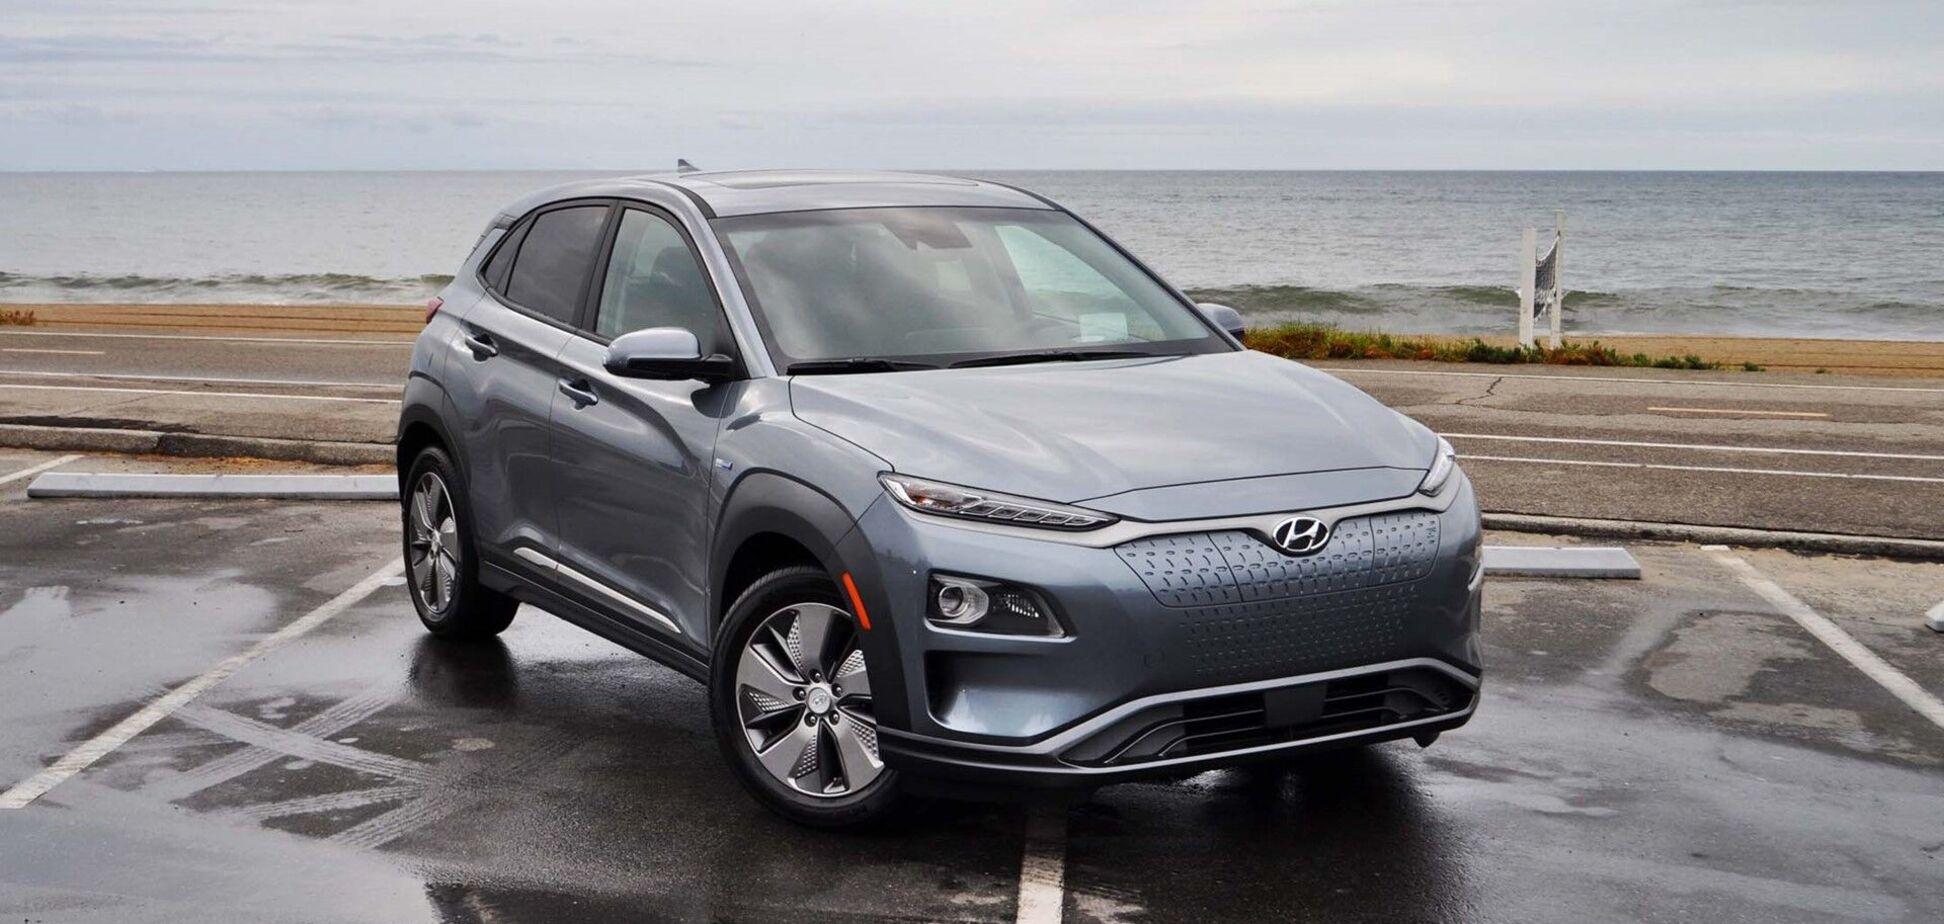 Hyundai изымает проданные электромобили: они сами загораются